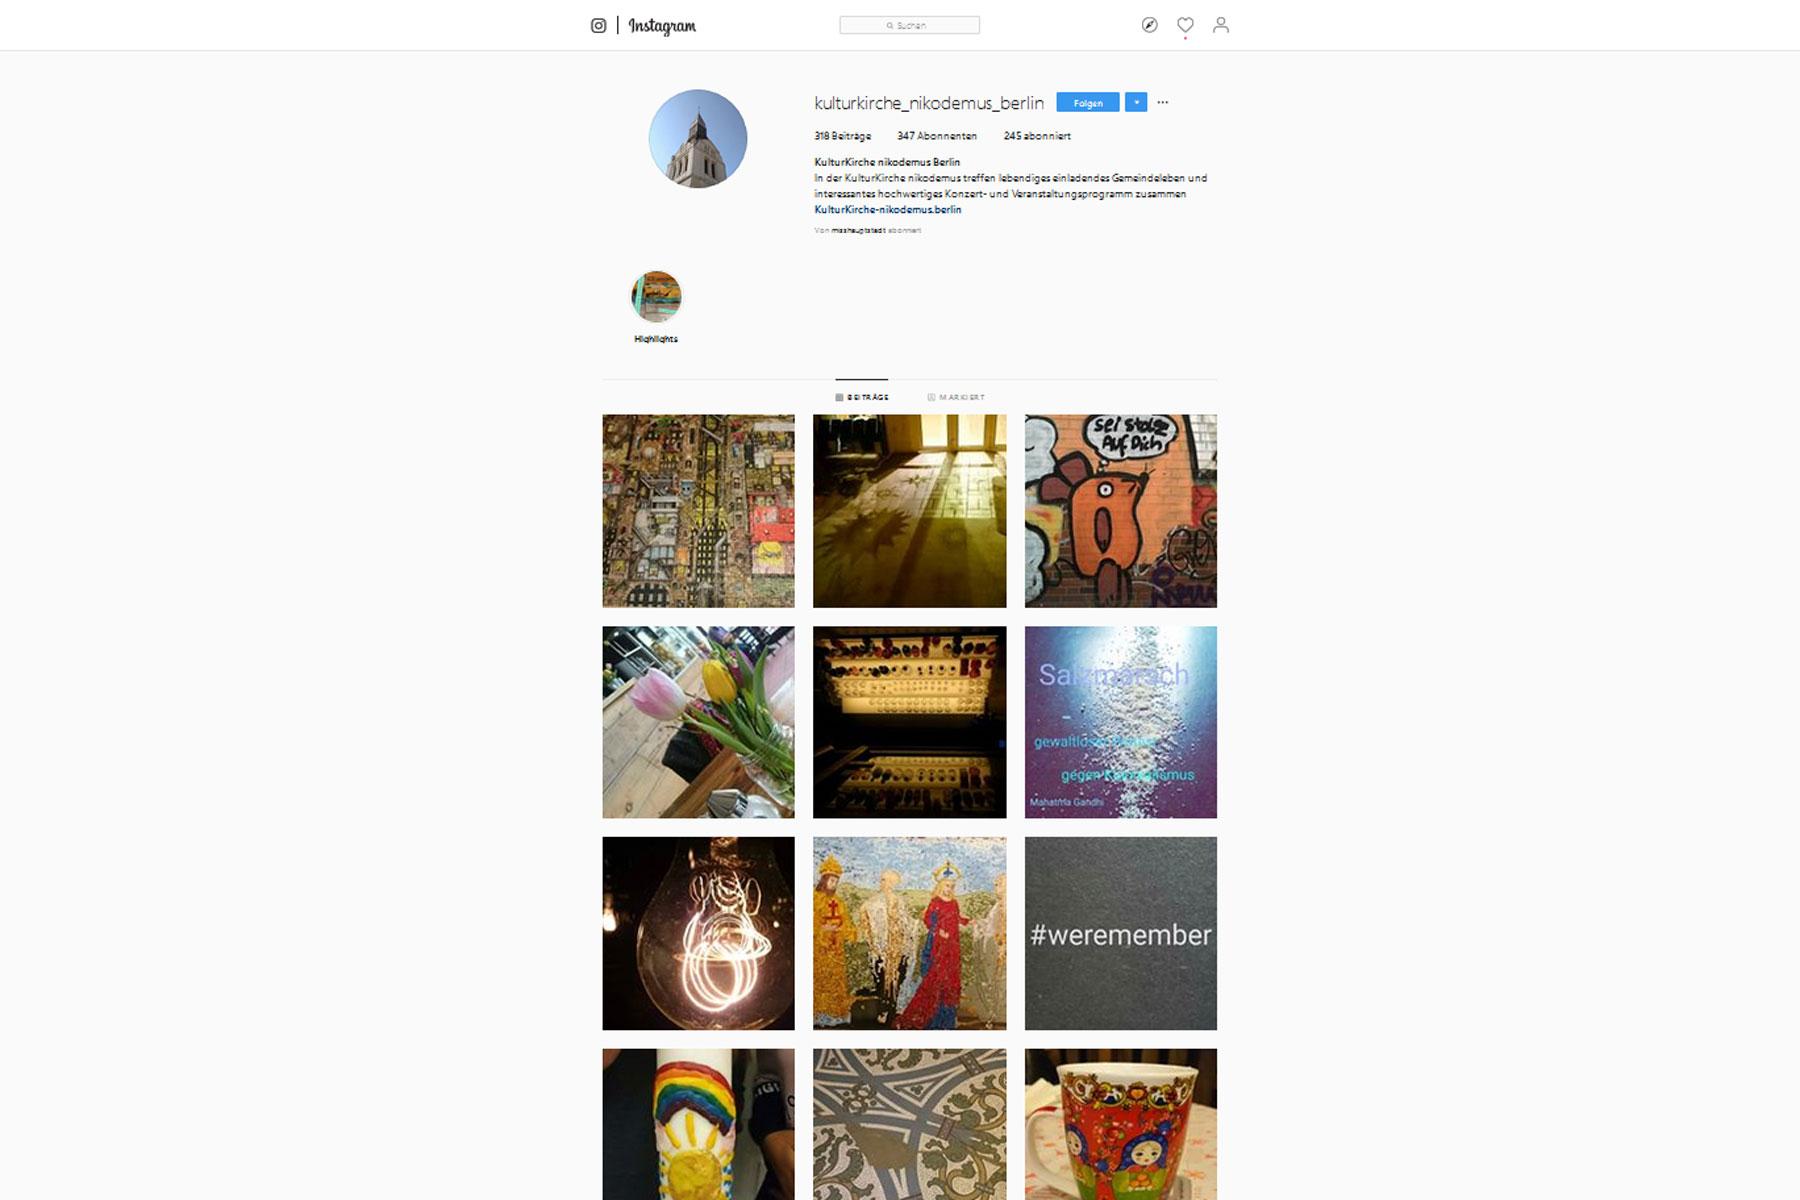 Instagram-Account der Kulturkirche Nikodemus. Praxisprojekt von Melanie Weber in der FCZB-Fortbildung Content- und Social-Media-Management